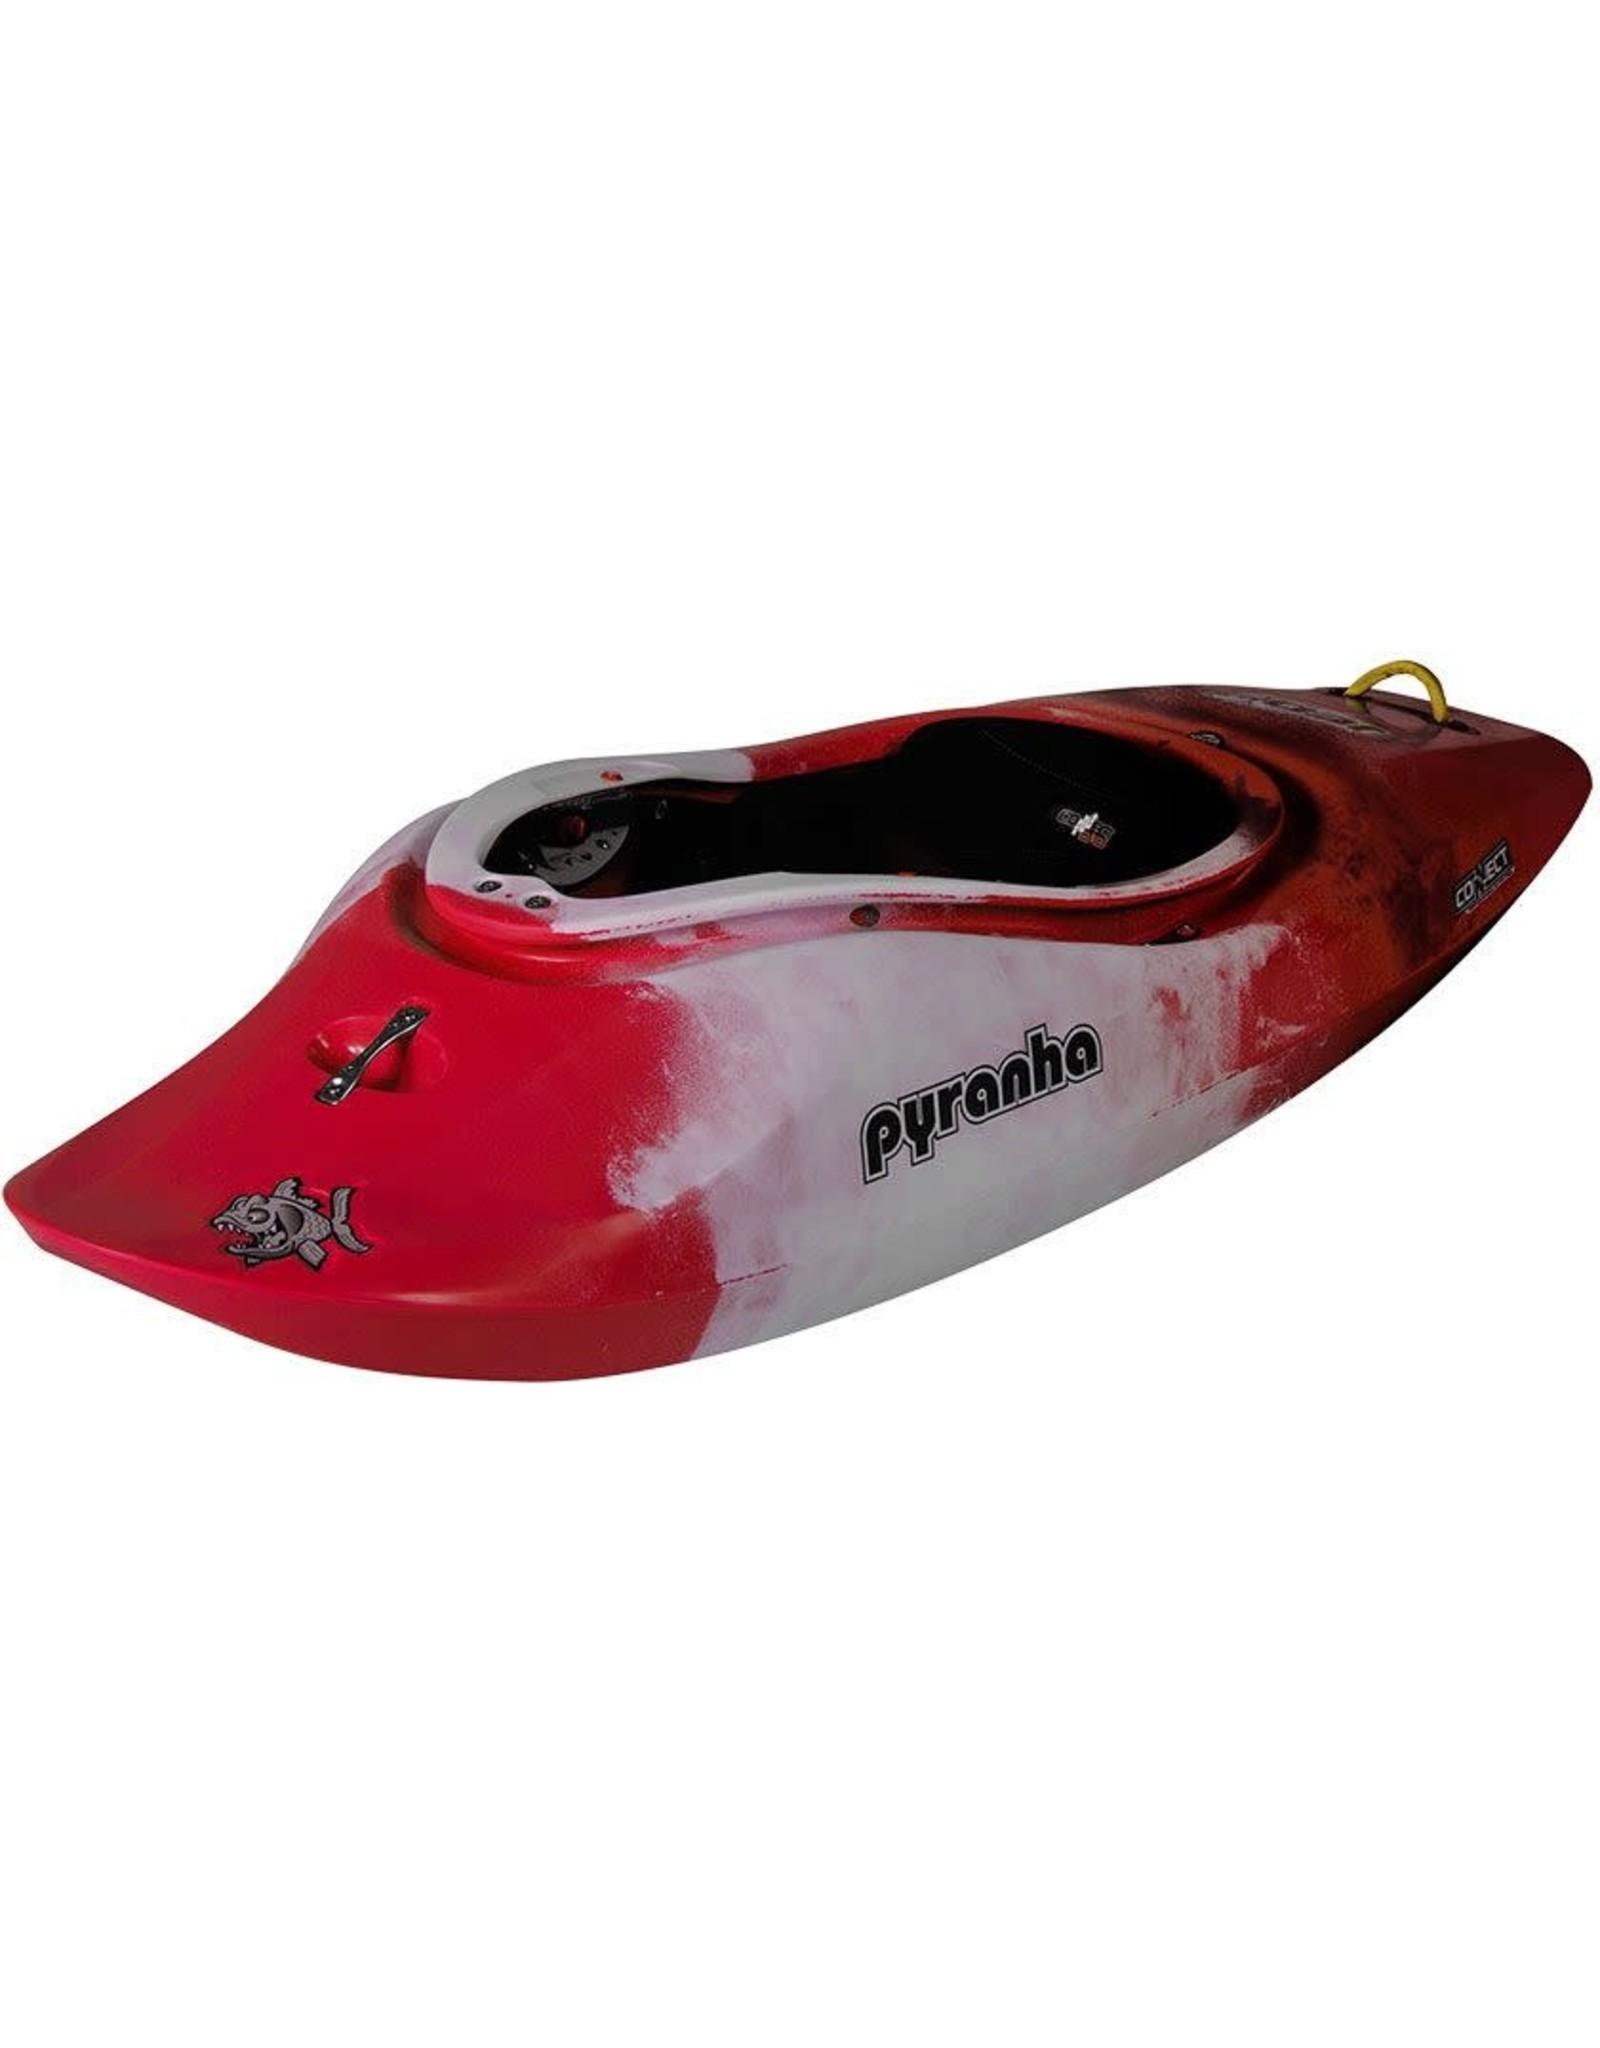 Pyranha Pyranha Jed Stout kayak Red/White/Grey Large (USED)